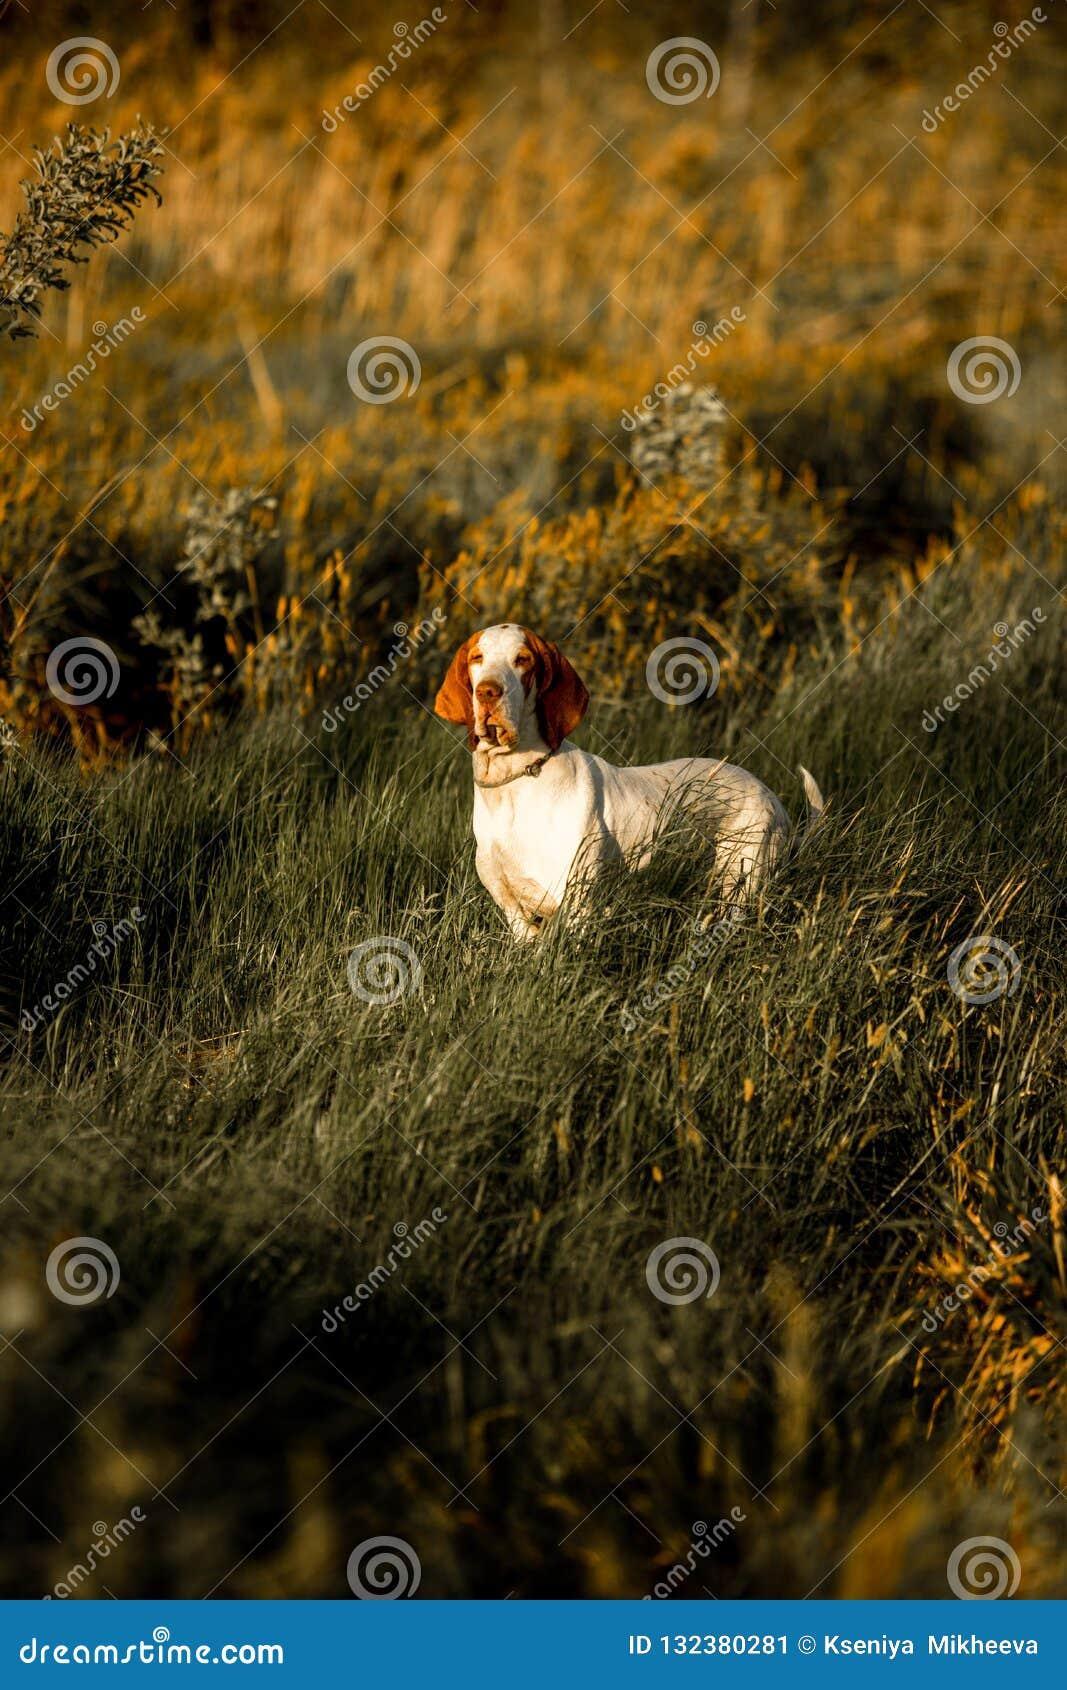 χαμόγελο του σκυλιού κυνηγόσκυλων μπασέ standingin στη χλόη στο ηλιοβασίλεμα Πράσινη ανασκόπηση